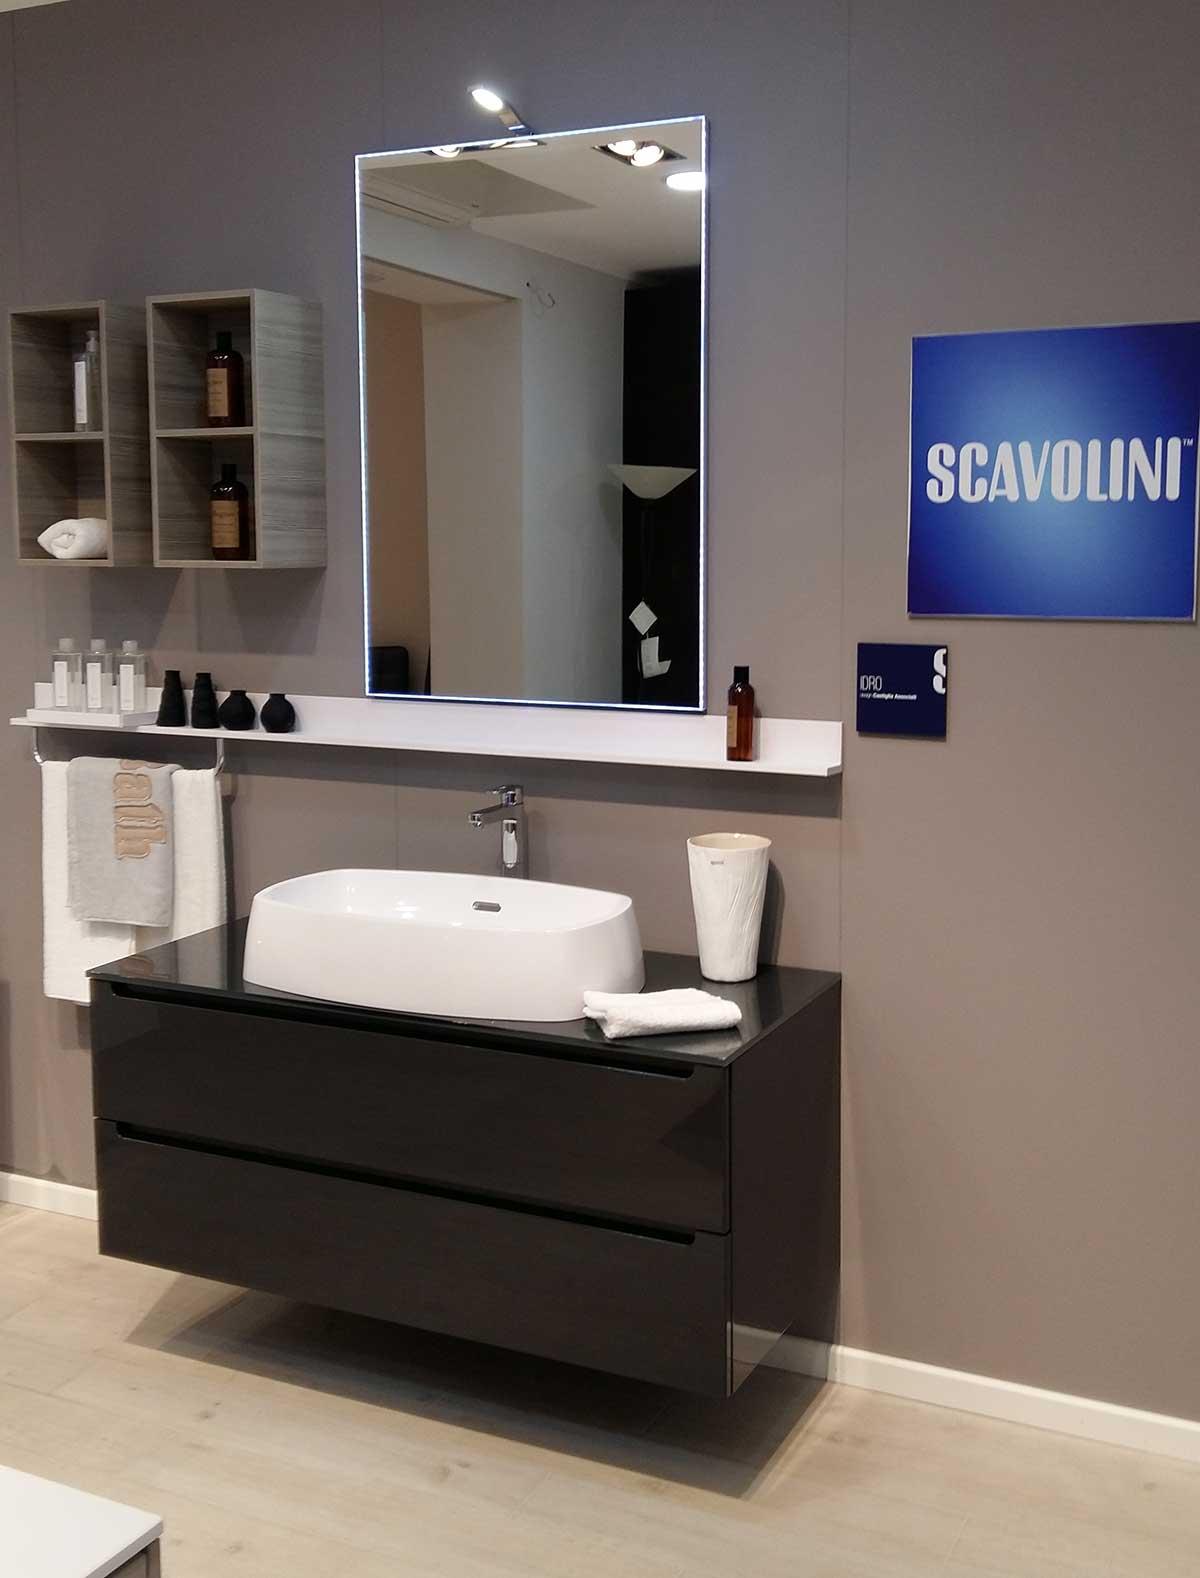 scavolini, mobile bagno idro | supermobiliroma - Mobili Bagno Scavolini